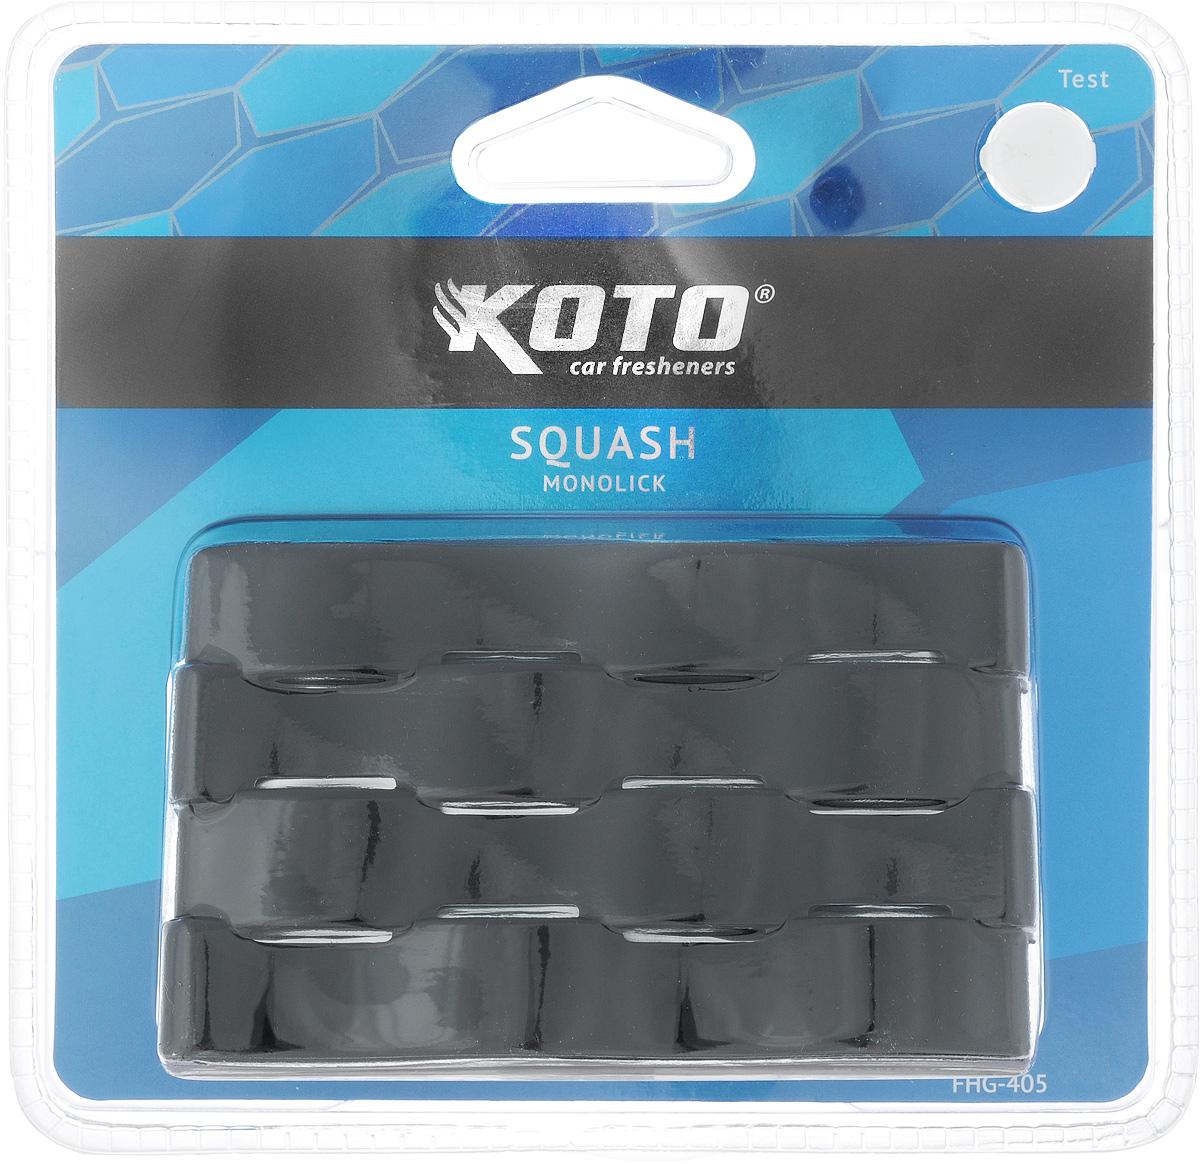 Ароматизатор автомобильный Koto Monolick. Squash, гелевый, 90 г80621Автомобильный ароматизатор Koto Monolick. Squash эффективно устраняет неприятные запахи и придает приятный аромат. Сочетание геля с парфюмами наилучшего качества обеспечивает устойчивый запах. Кроме того, ароматизатор обладает элегантным дизайном. Благодаря специальной конструкции, изделие крепится на горизонтальную поверхность.